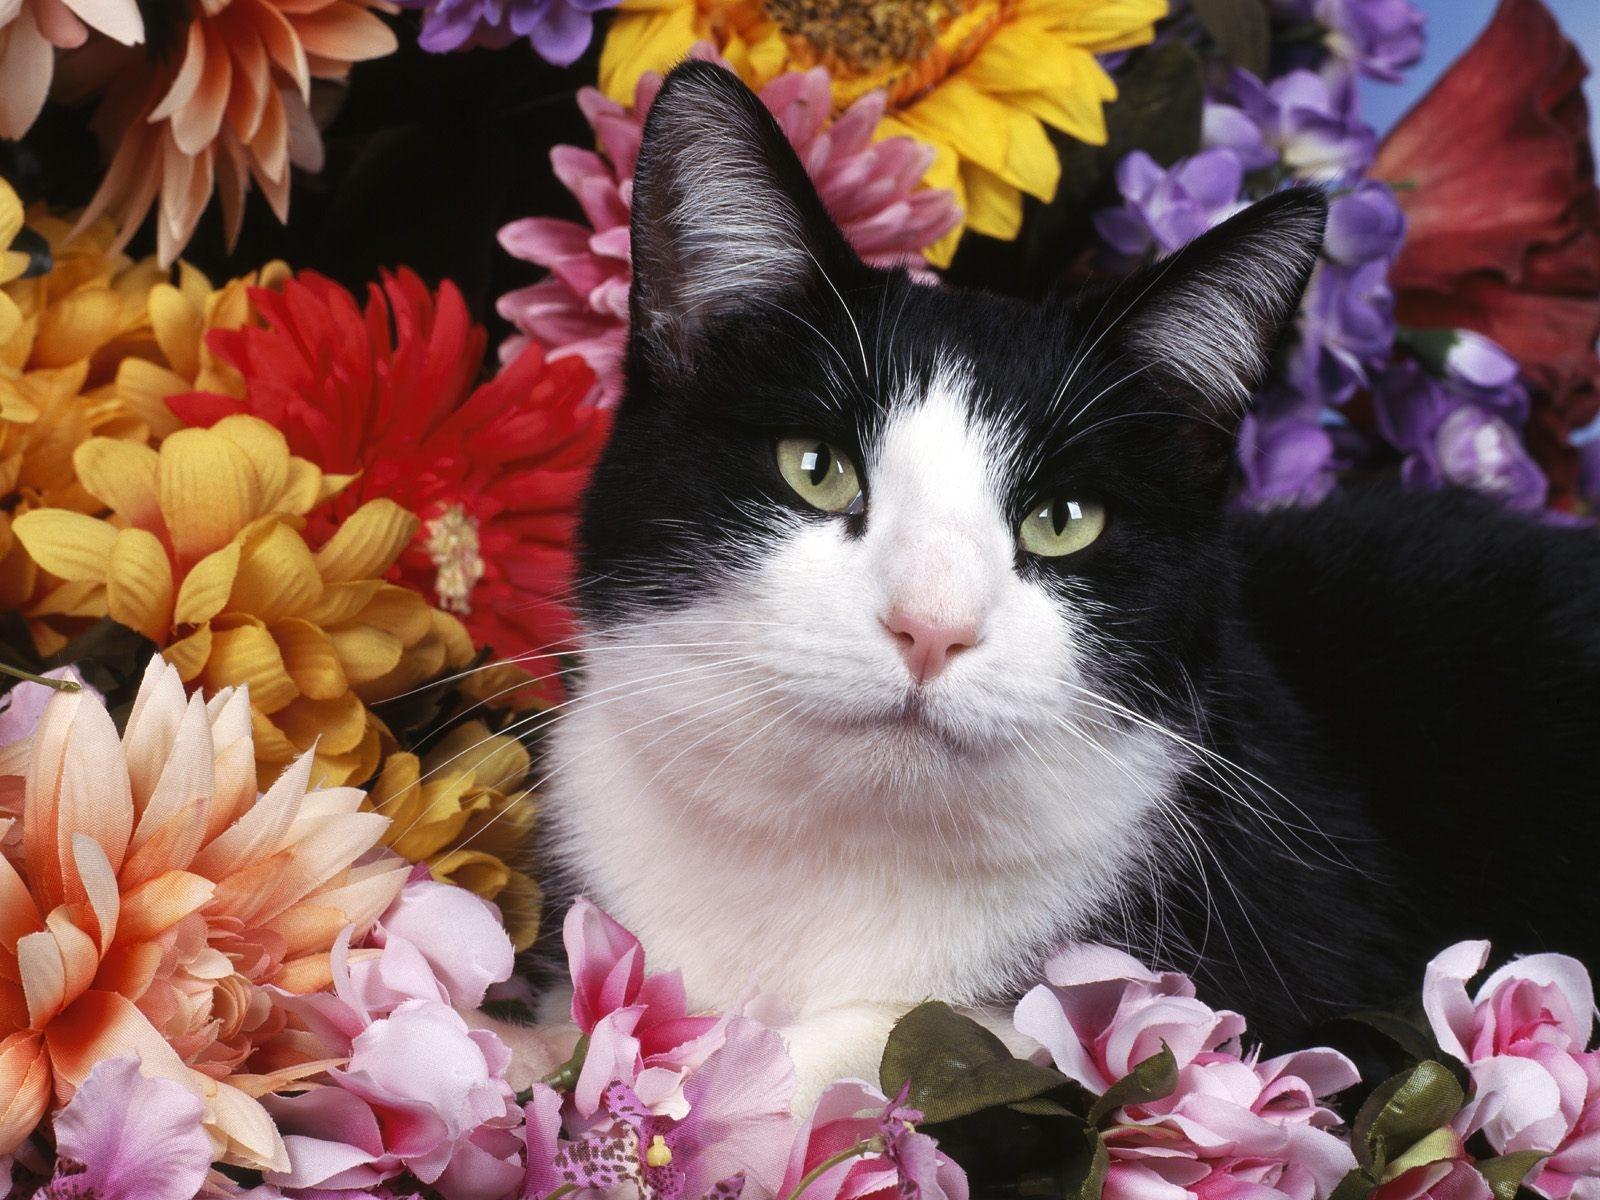 фото цветов с котиками может быть